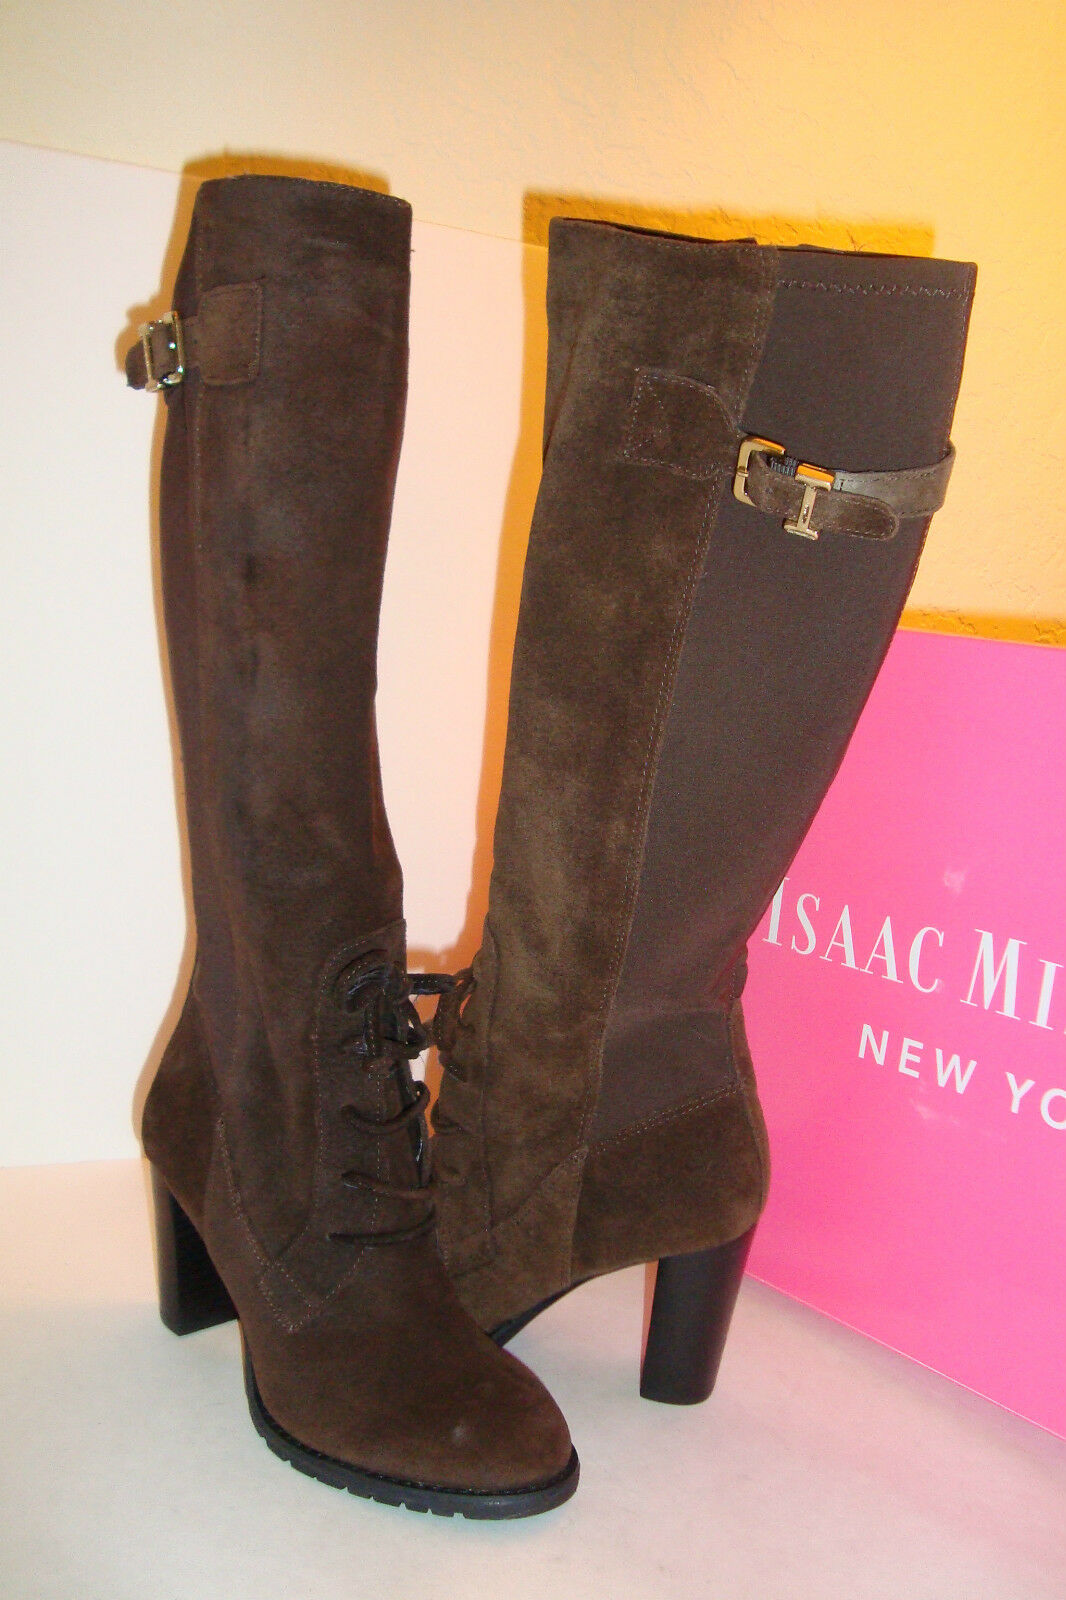 Issac Mizrahi New York Para Mujer Nuevo Nuevo Nuevo Con Caja Geogina DK Marrón Gamuza botas Zapatos 5.5 MED Nuevo  compras de moda online